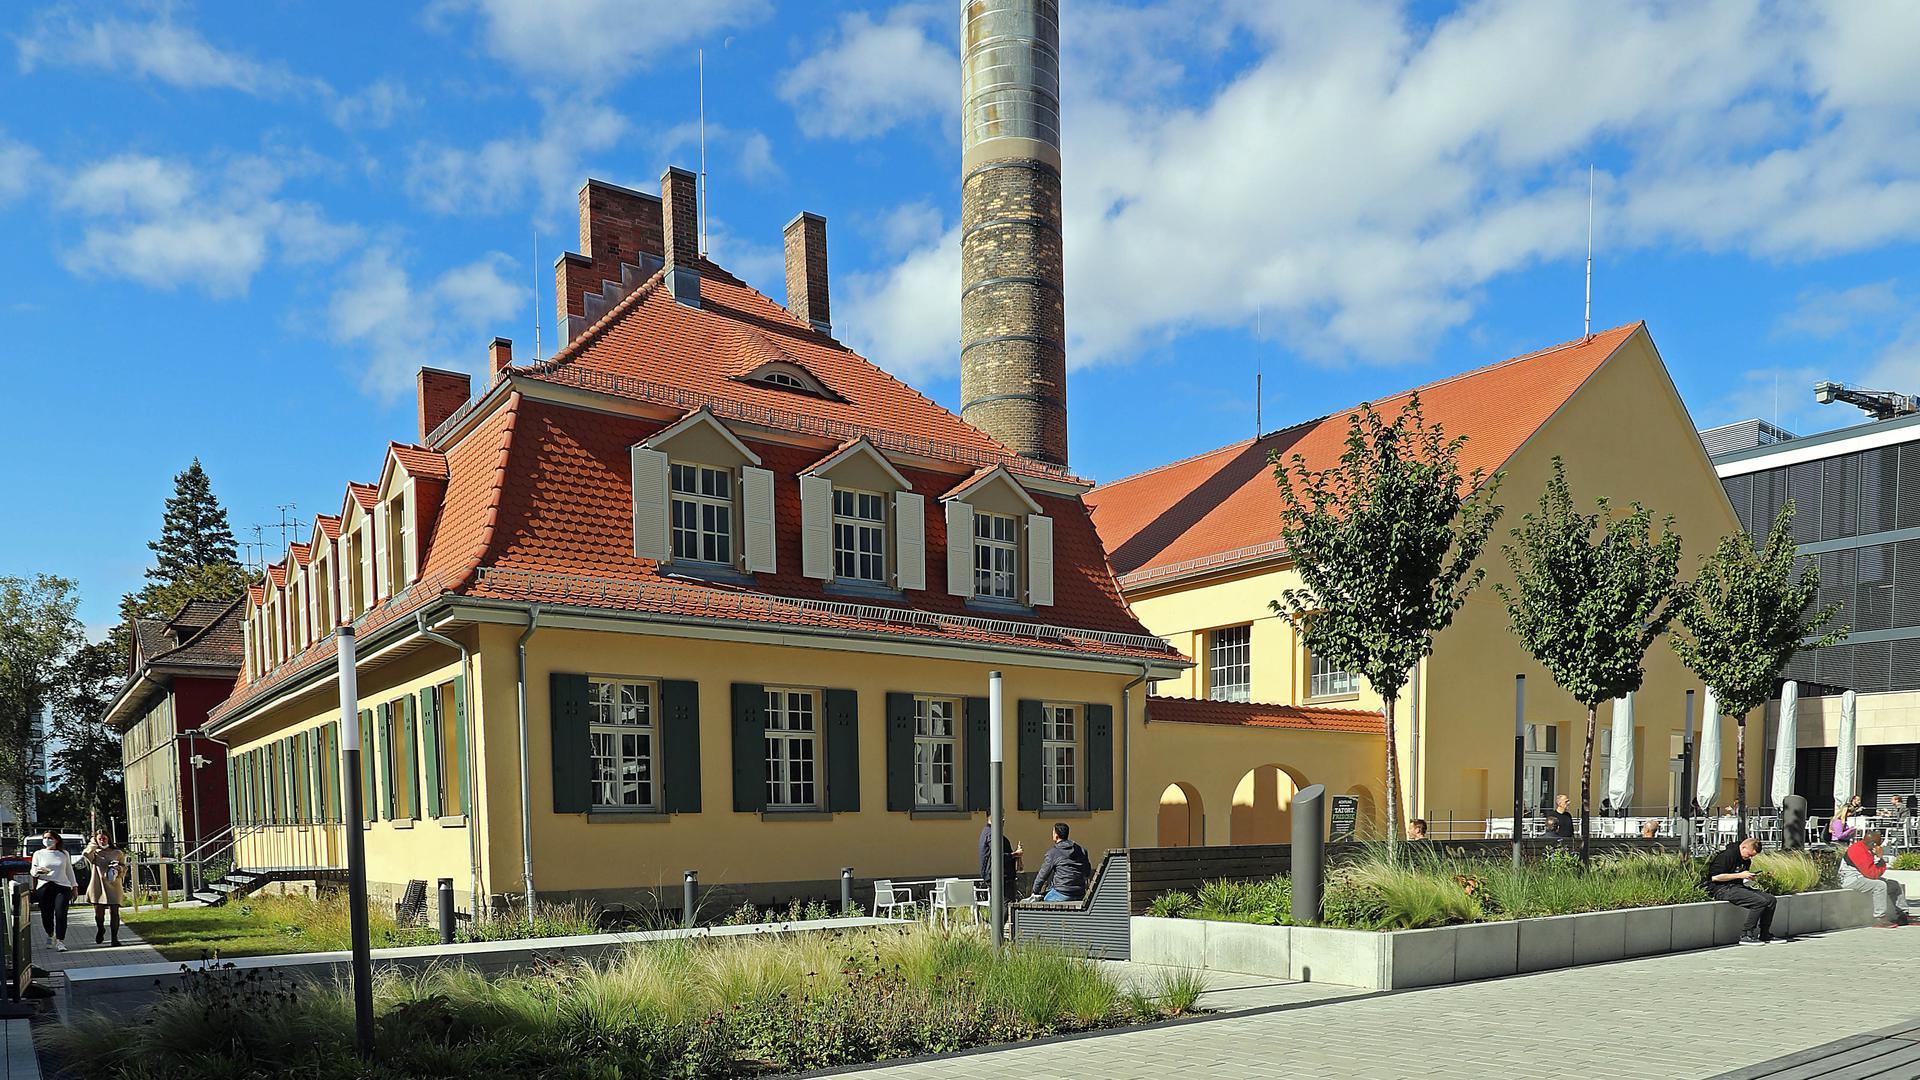 © Jodo-Foto /  Joerg  Donecker//  29.09.2021 Denkmalgeschuetze Haueser beim Hauptbahnhof / Dommermuth-Neubauten,                                                             -Copyright - Jodo-Foto /  Joerg  Donecker Sonnenbergstr.4 D-76228 KARLSRUHE TEL:  0049 (0) 721-9473285FAX:  0049 (0) 721 4903368 Mobil: 0049 (0) 172 7238737E-Mail:  joerg.donecker@t-online.deSparkasse Karlsruhe  IBAN: DE12 6605 0101 0010 0395 50, BIC: KARSDE66XXSteuernummer 34140/28360Veroeffentlichung nur gegen Honorar nach MFMzzgl. ges. Mwst.  , Belegexemplarund Namensnennung. Es gelten meine AGB.